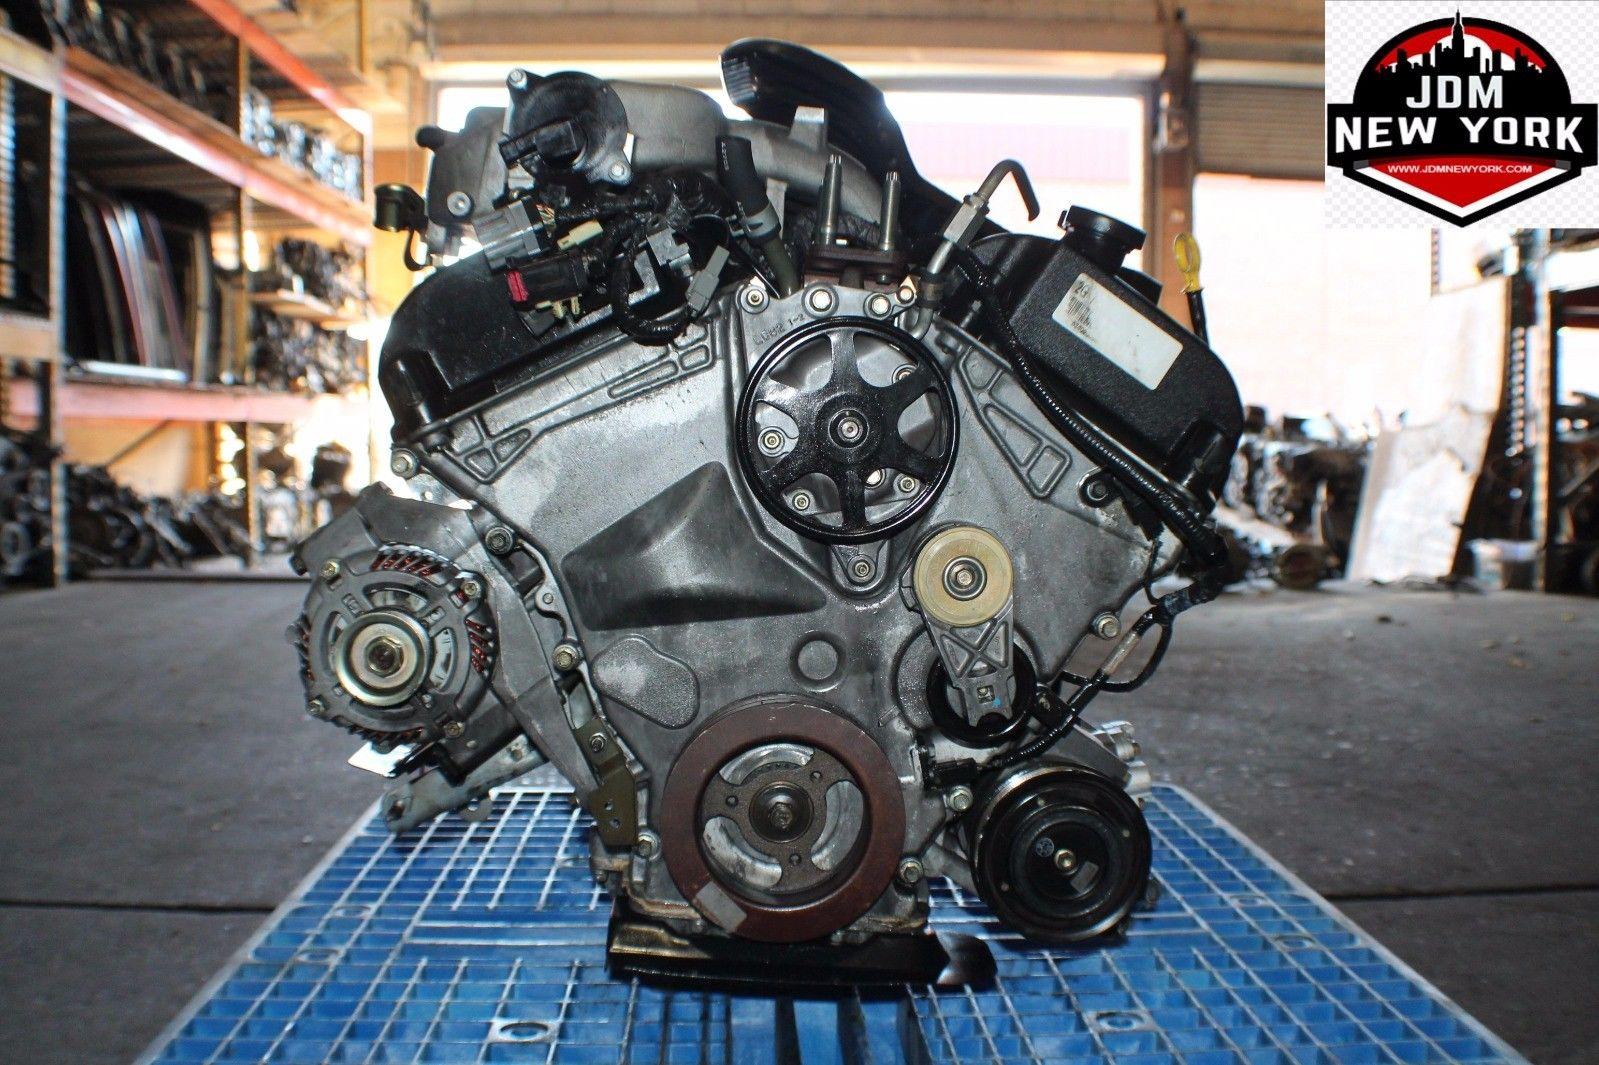 ford escape 3 0 engine diagram 01 02 03 04 ford escape 3 0l dohc 24 valve duratec 30 v6 engine  3 0l dohc 24 valve duratec 30 v6 engine